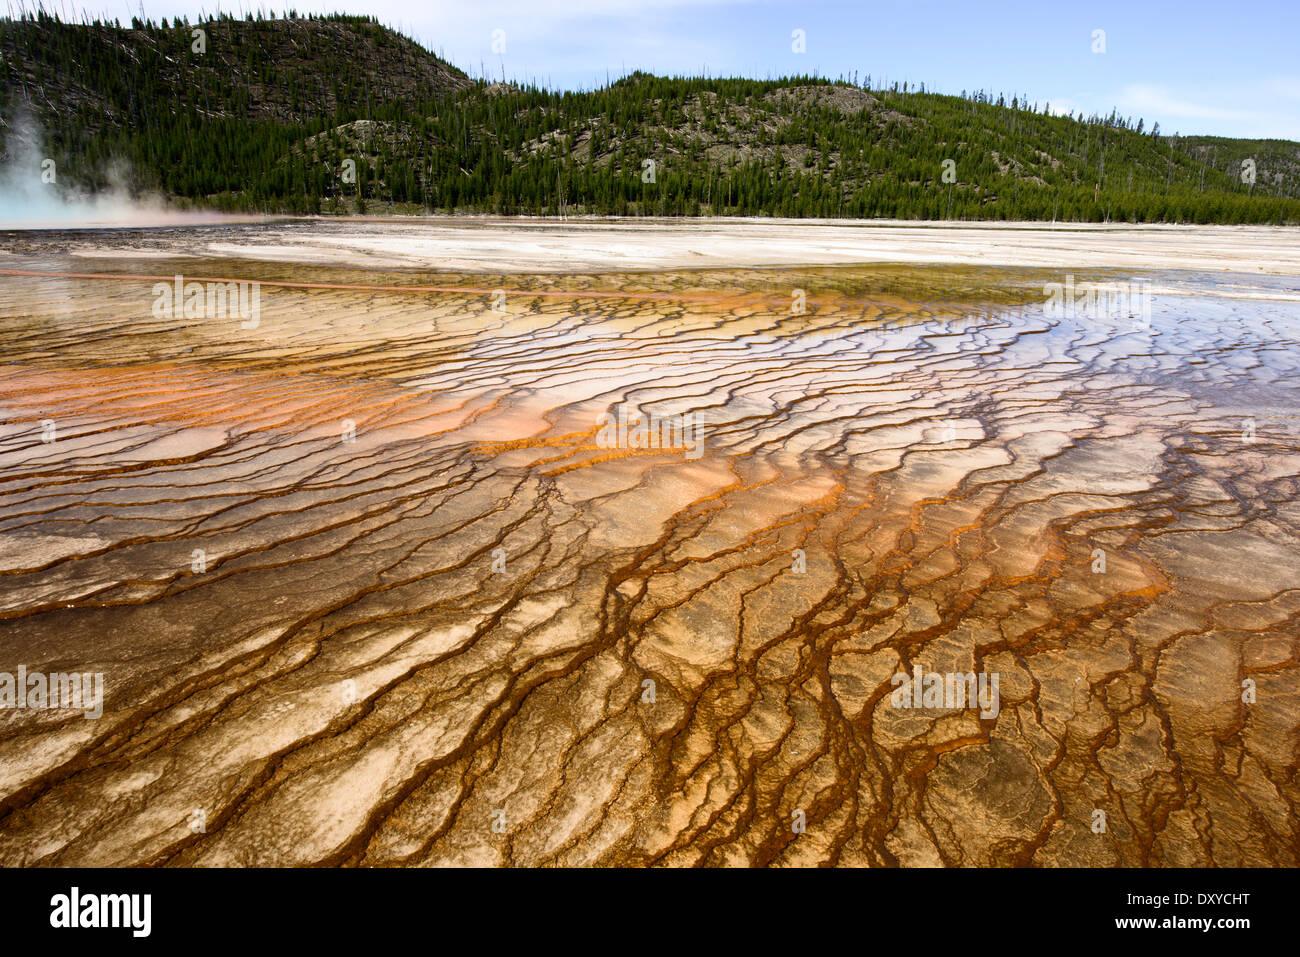 Grand Prismatic Spring, que forma parte de la Cuenca del Géiser de Midway en el Parque Nacional de Yellowstone. Foto de stock